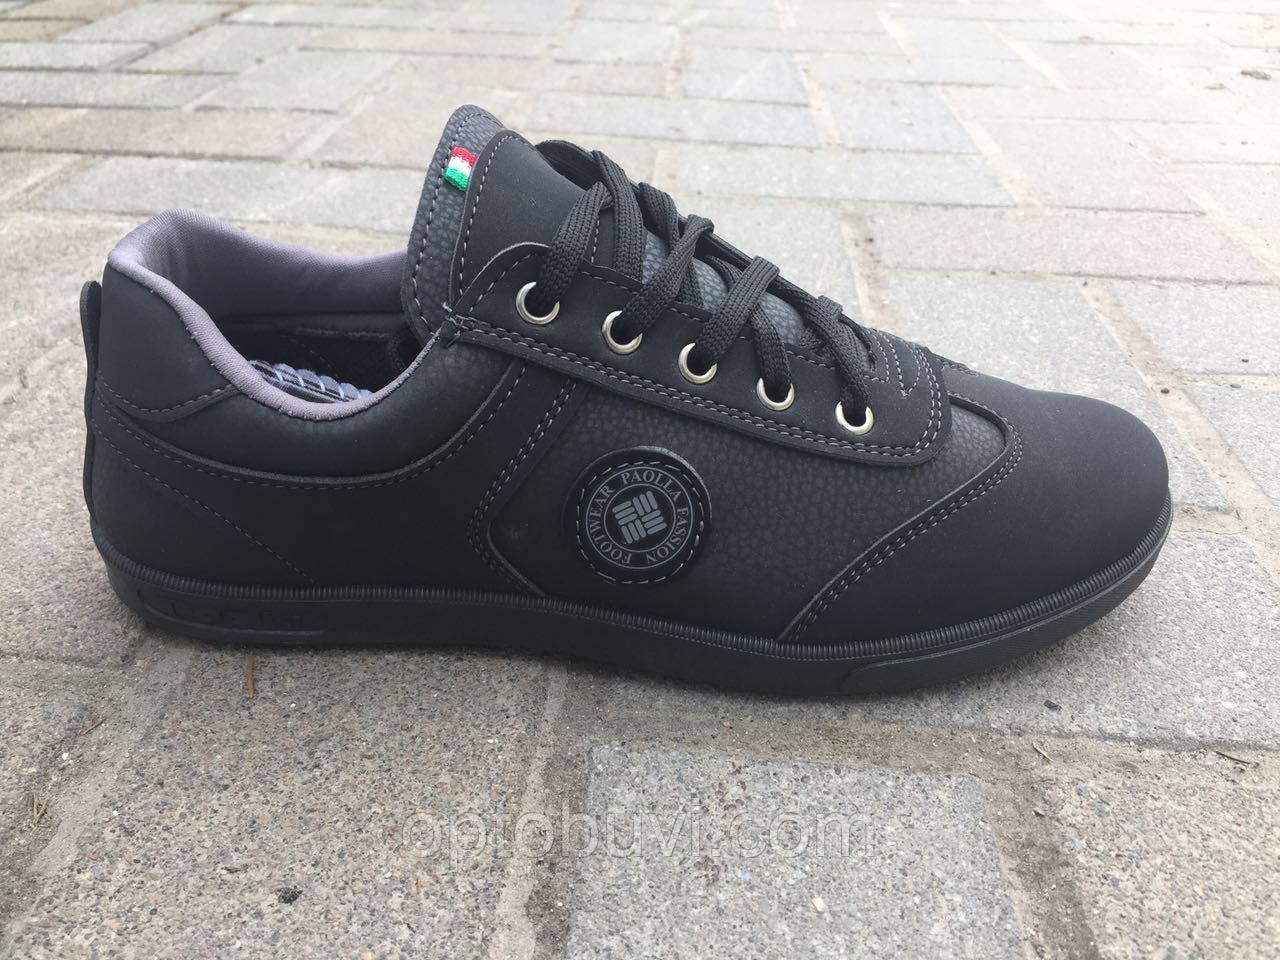 a4925060a Кроссовки мужские черные Paolla - Обувь оптом Шуз-холл   Обувь от  производителя в Хмельницком